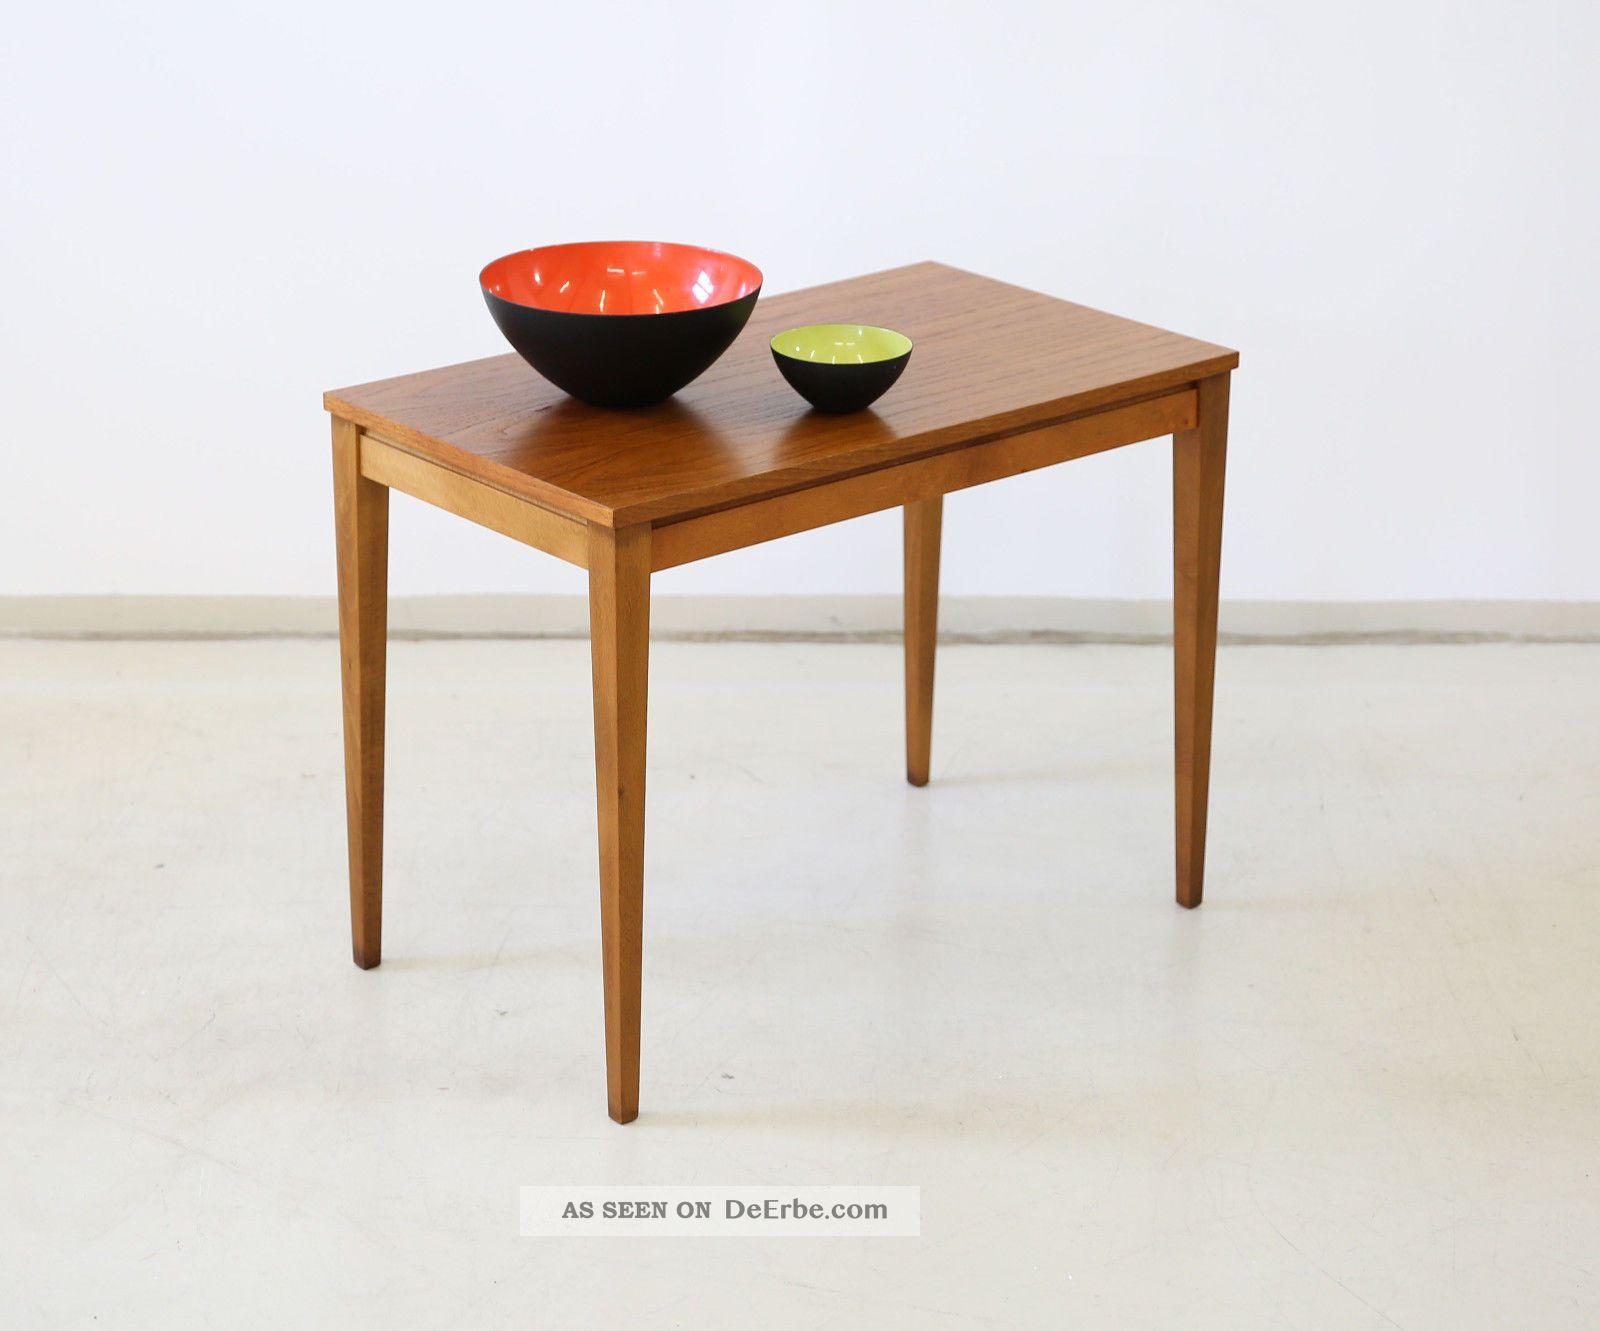 60er teak couchtisch beistelltisch danish 60s side table for Beistelltisch retro